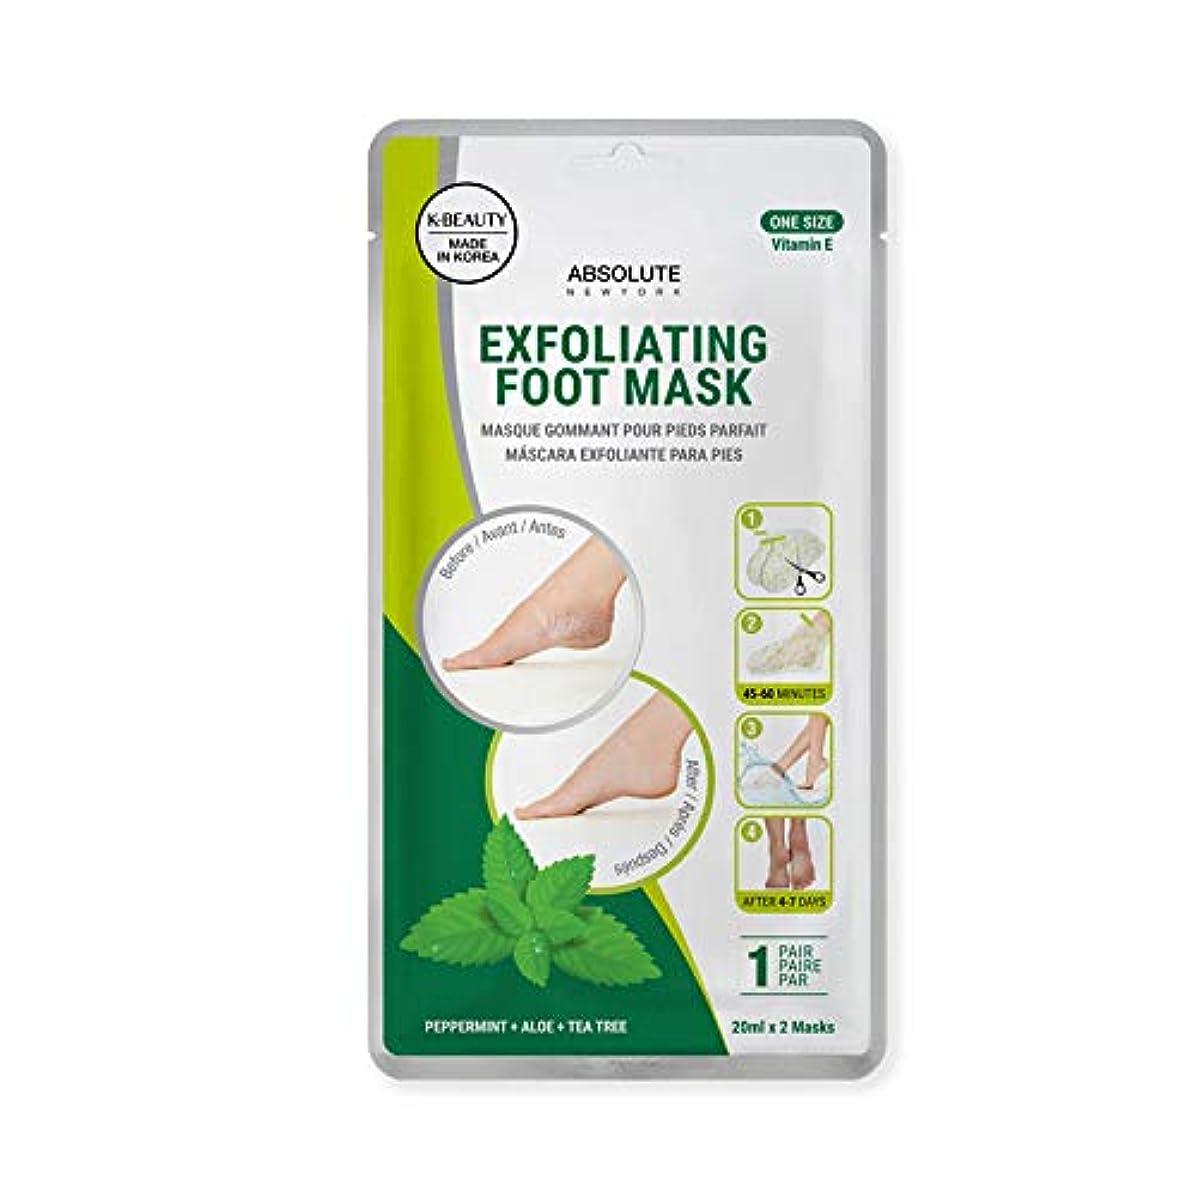 繊毛写真撮影ネーピア(6 Pack) ABSOLUTE Exfoliating Foot Mask - Peppermint + Aloe + Tea Tree (並行輸入品)